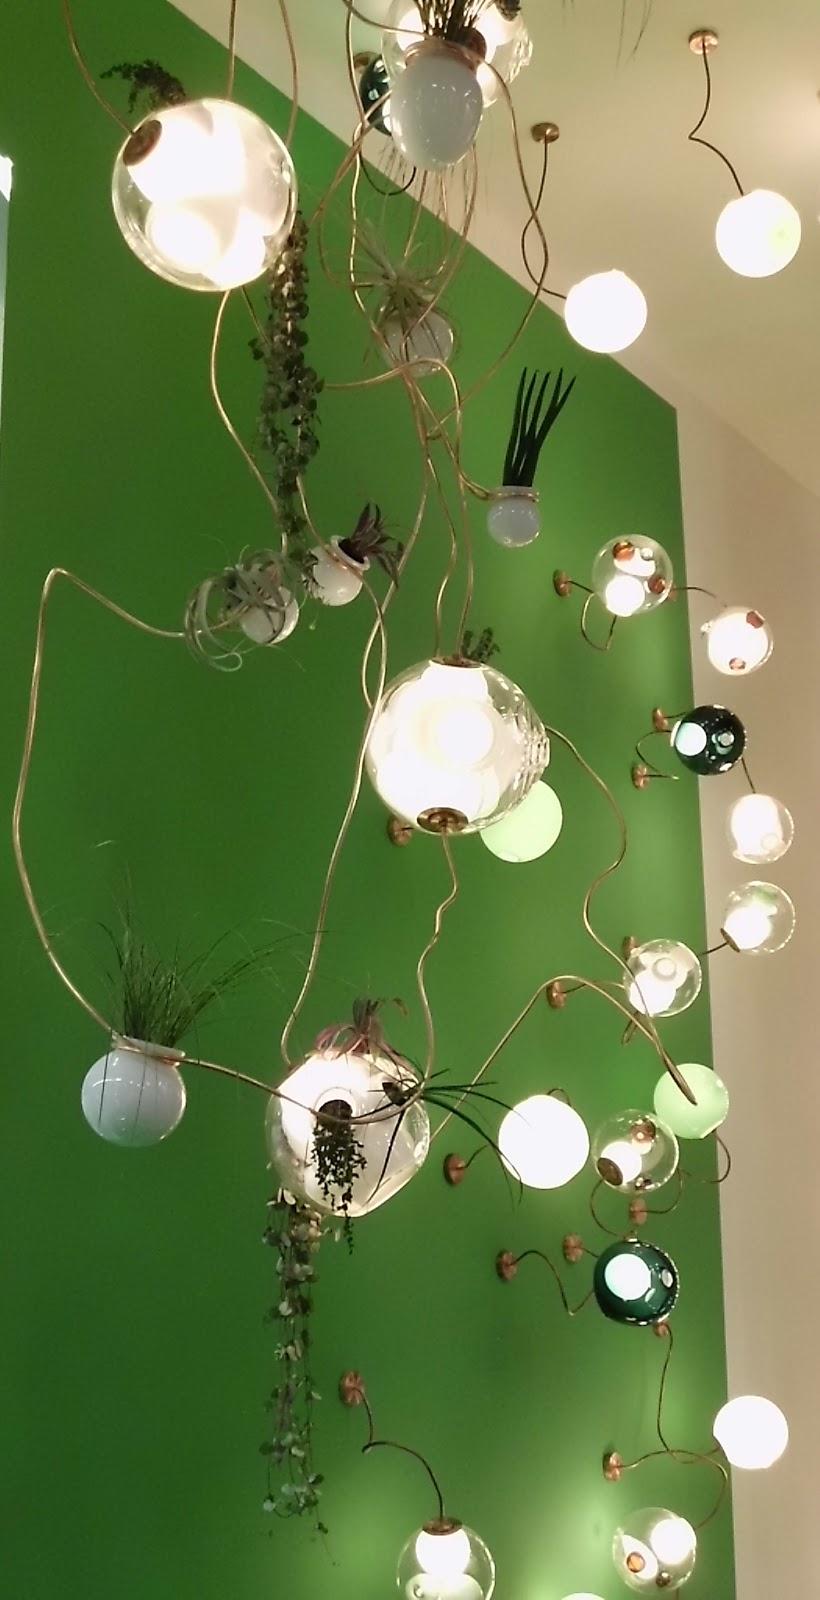 die wohngalerie pflanzen und leuchten in kombination bocci zeigt es. Black Bedroom Furniture Sets. Home Design Ideas